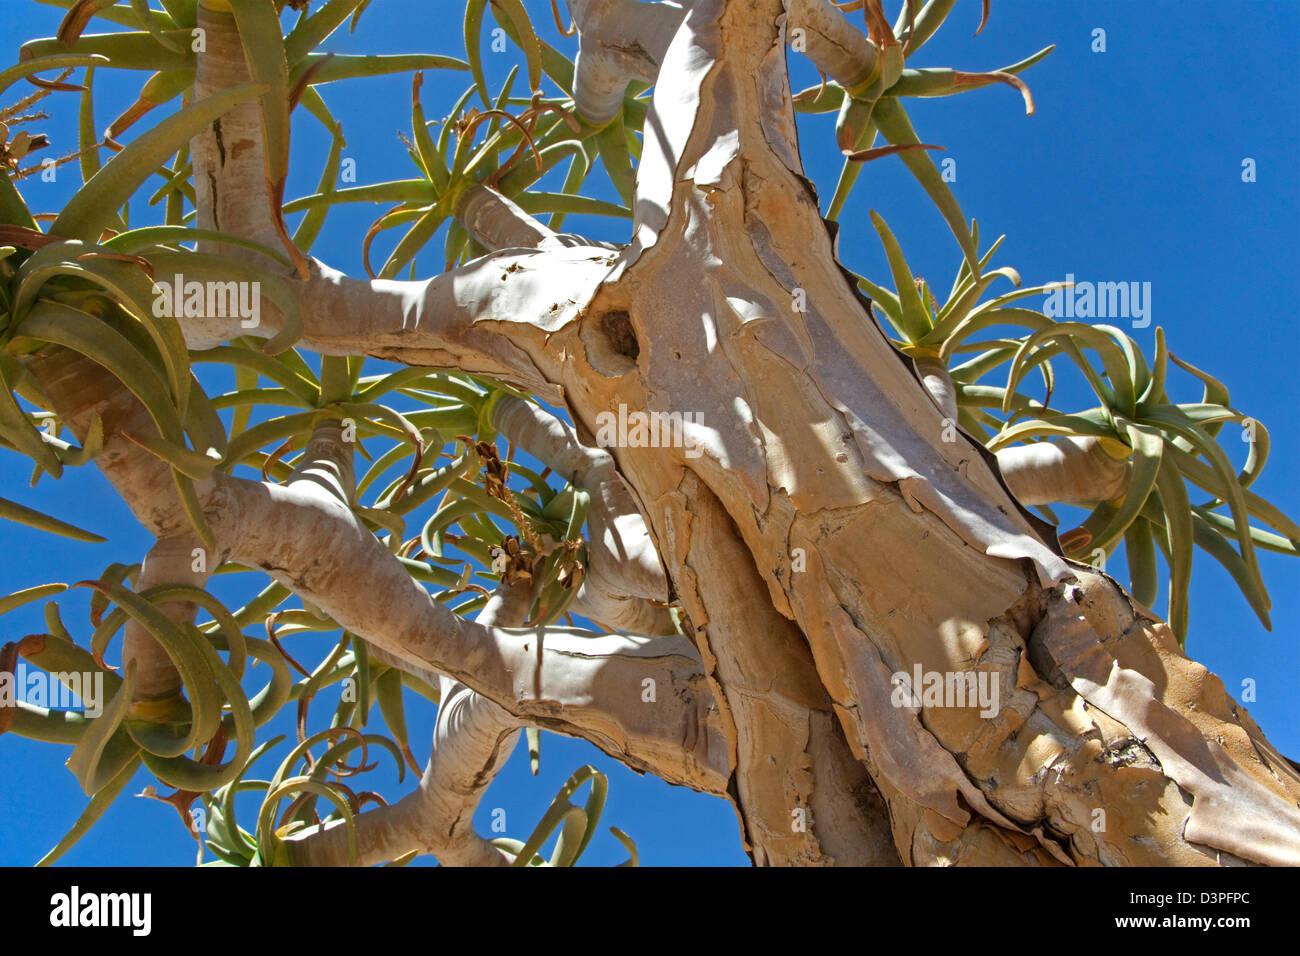 Quiver tree / Kokerboom (Aloe dichotoma) at Fish river Canyon, Namibia, South Africa - Stock Image